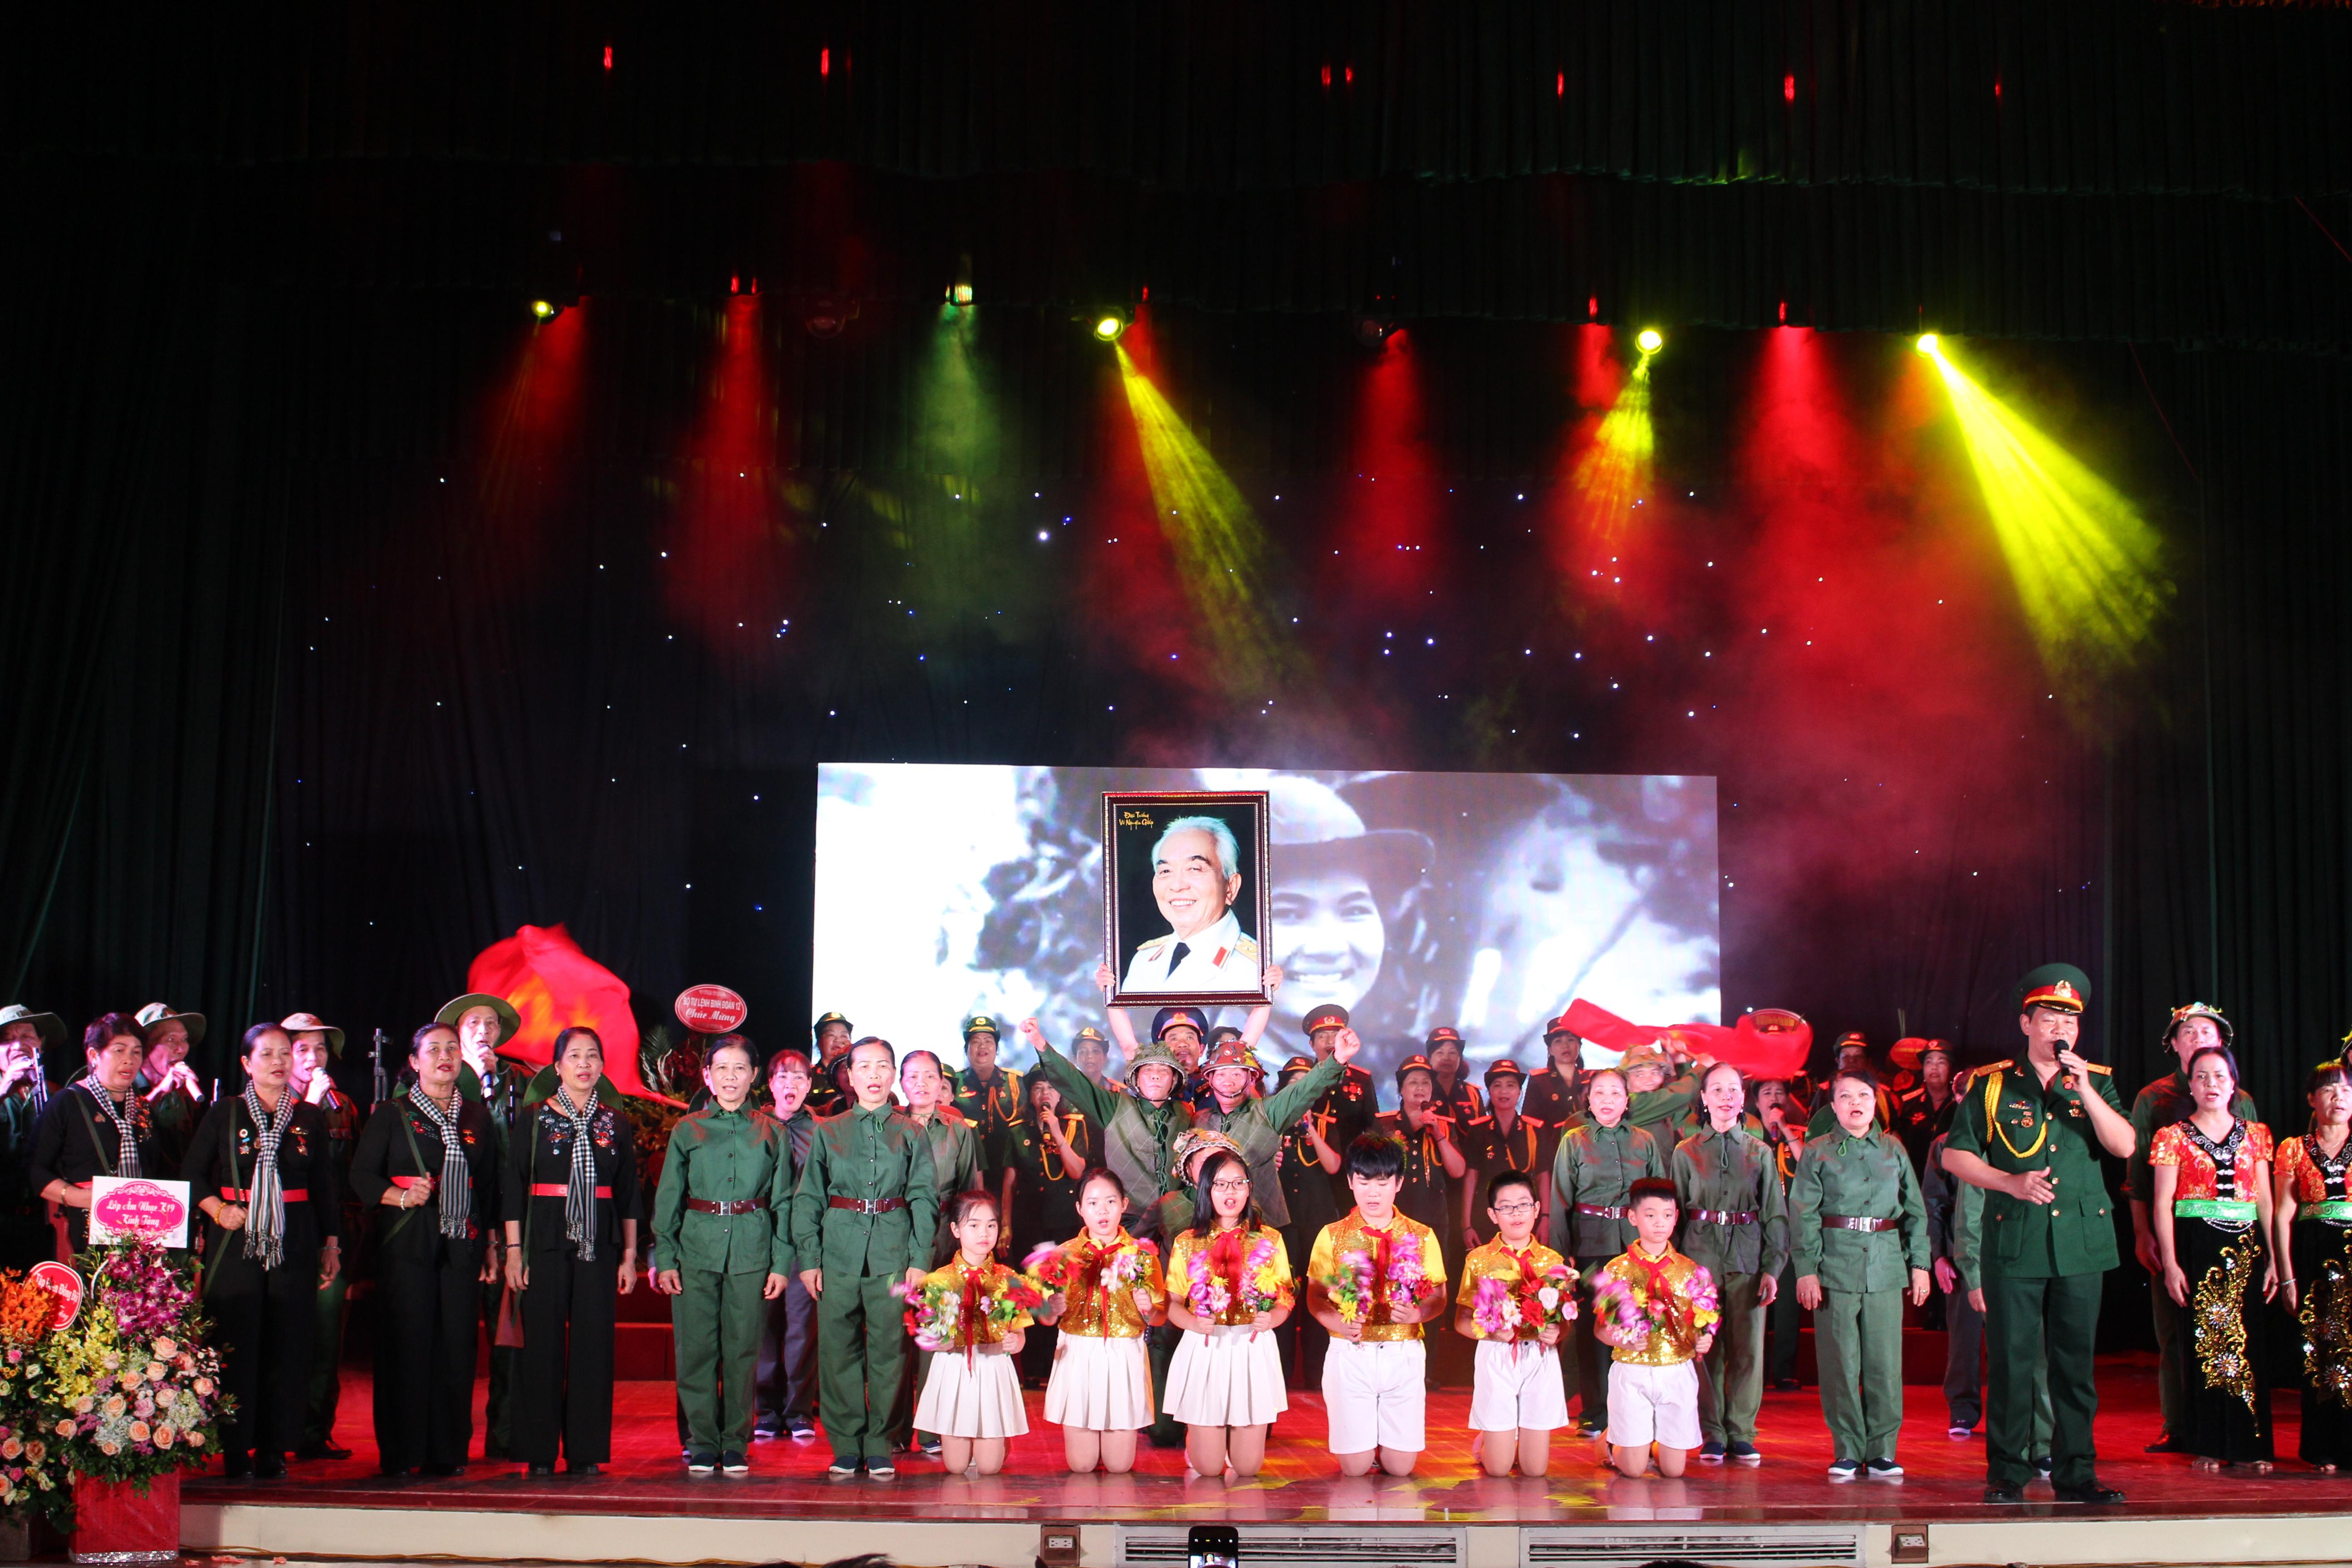 Đêm giao lưu nghệ thuật Đào Hữu Thi - Nhạc sĩ Trường Sơn